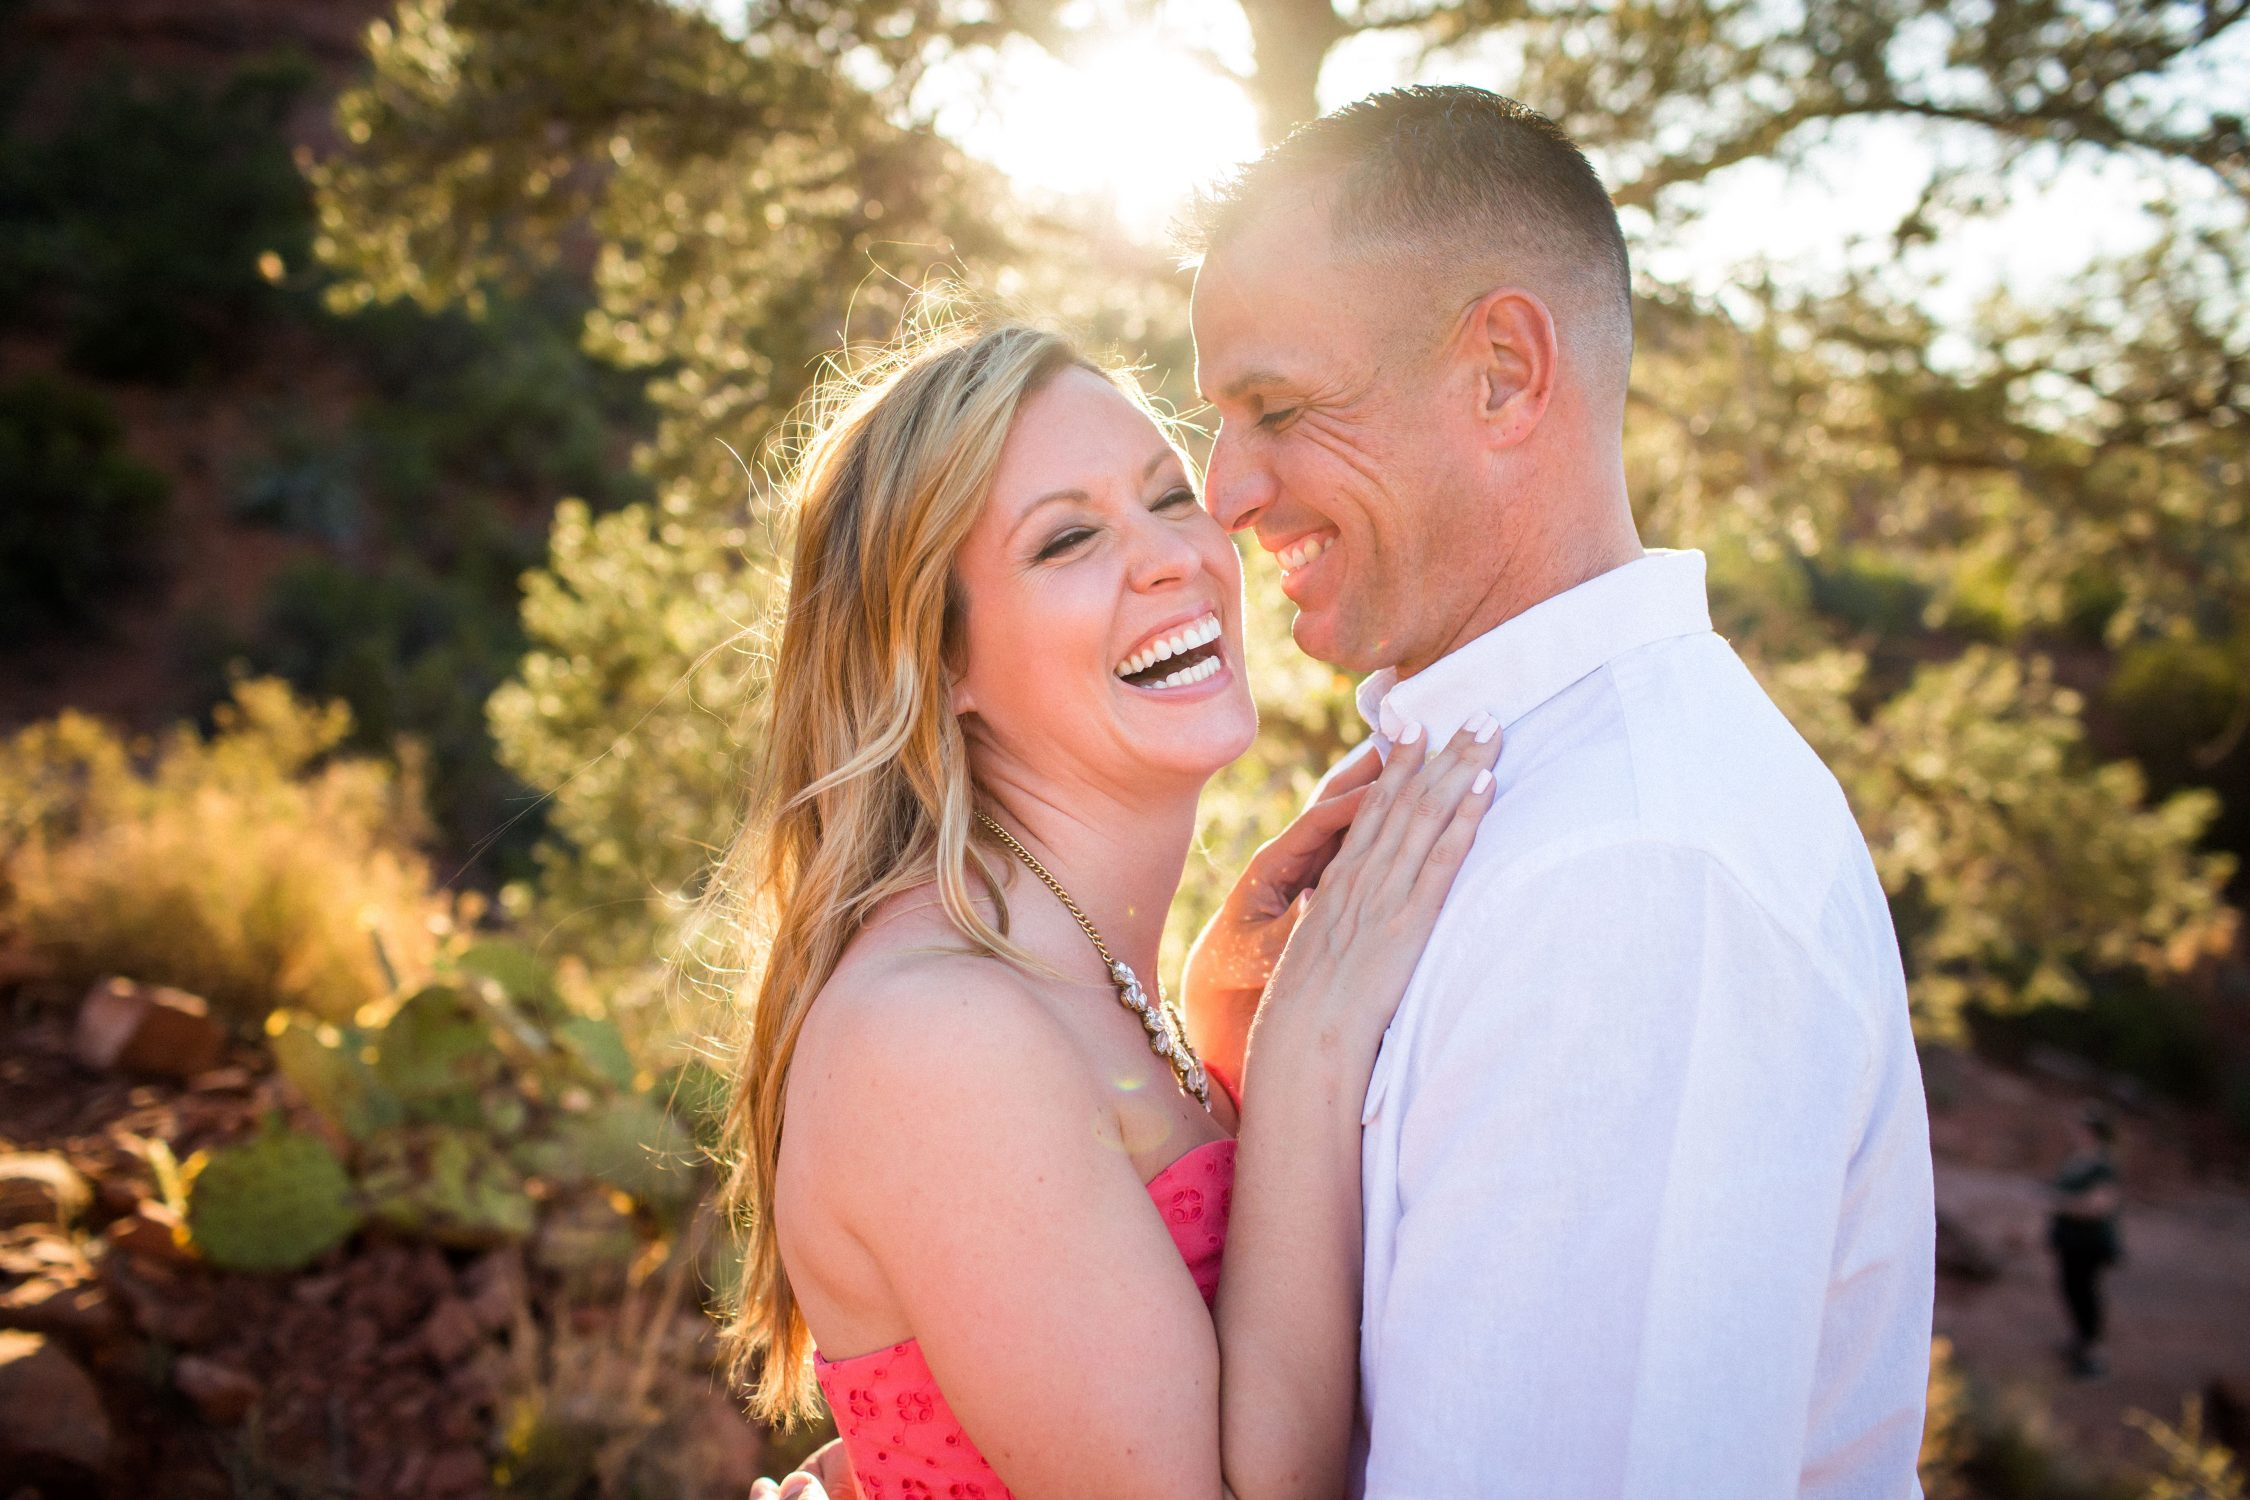 Sedona engagement session, Sedona wedding photographer, Sedona destination engagement photos, northern arizona wedding photographer, northern arizona engagement photographer